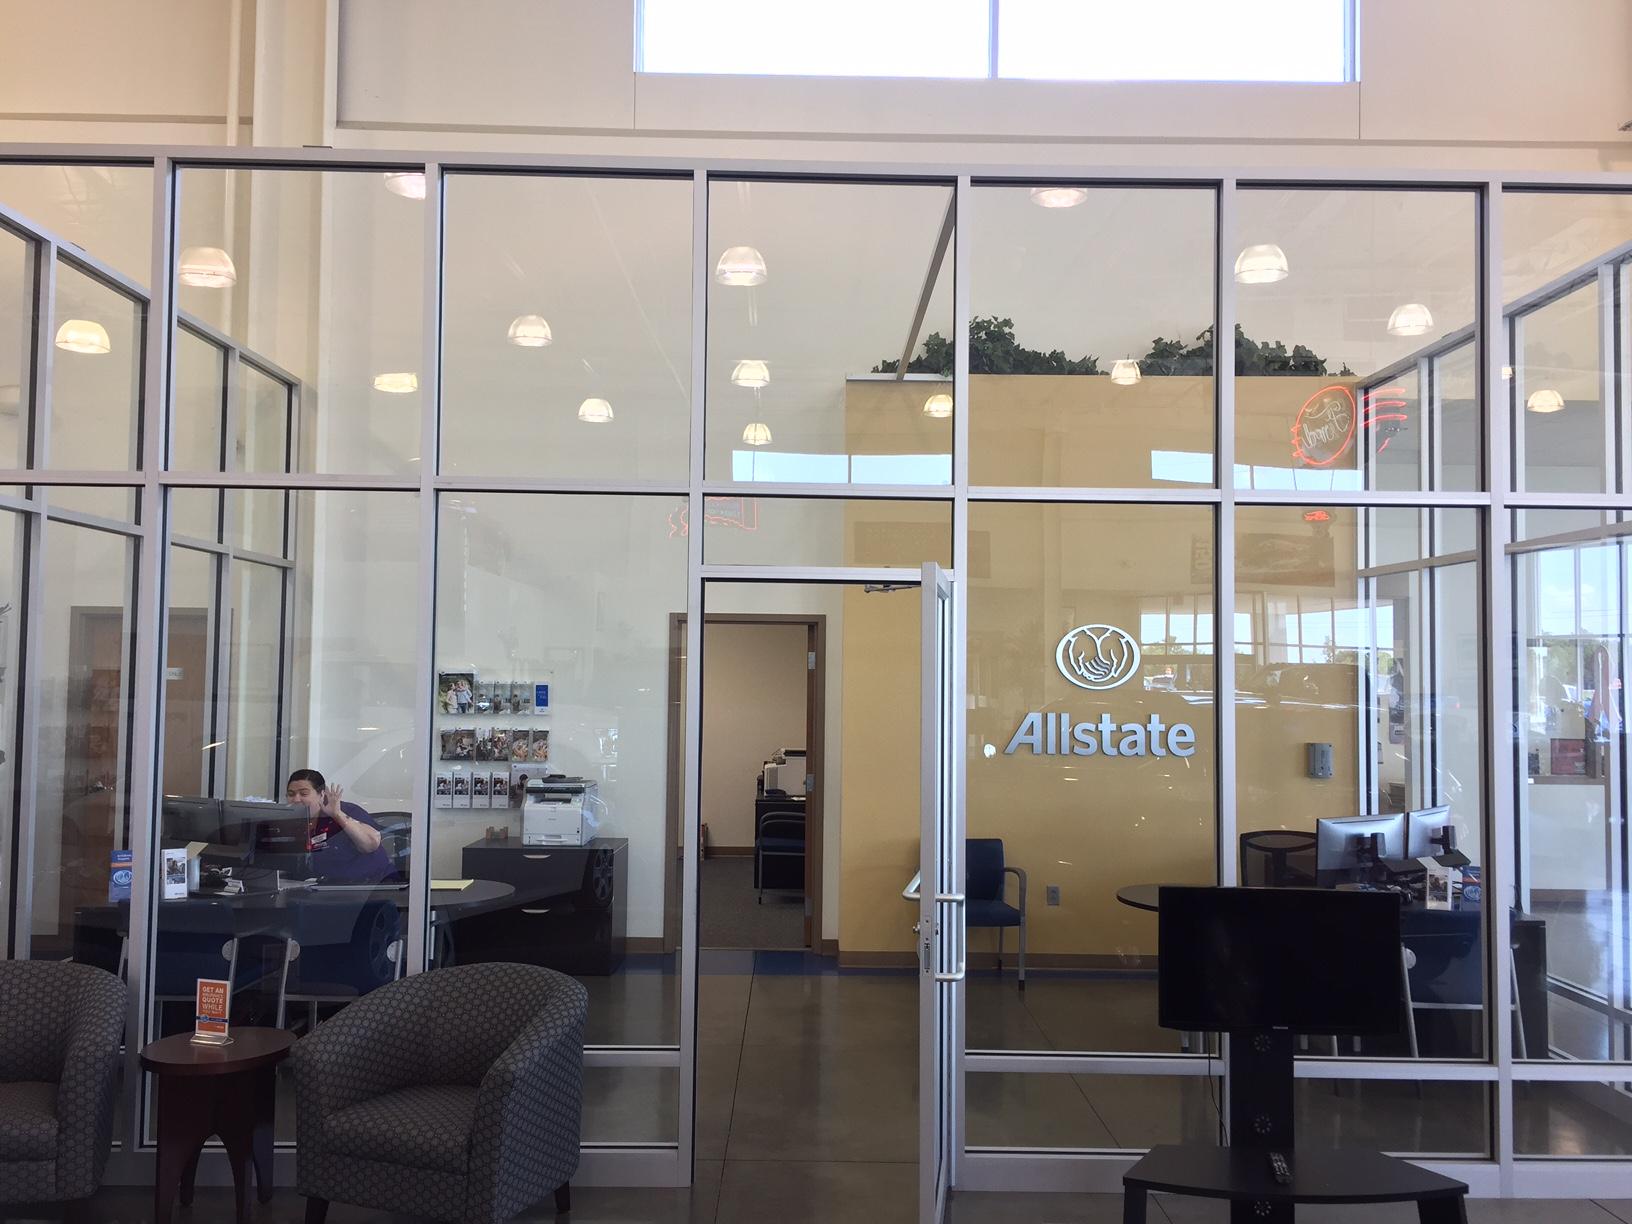 Robert Bulkley: Allstate Insurance image 1